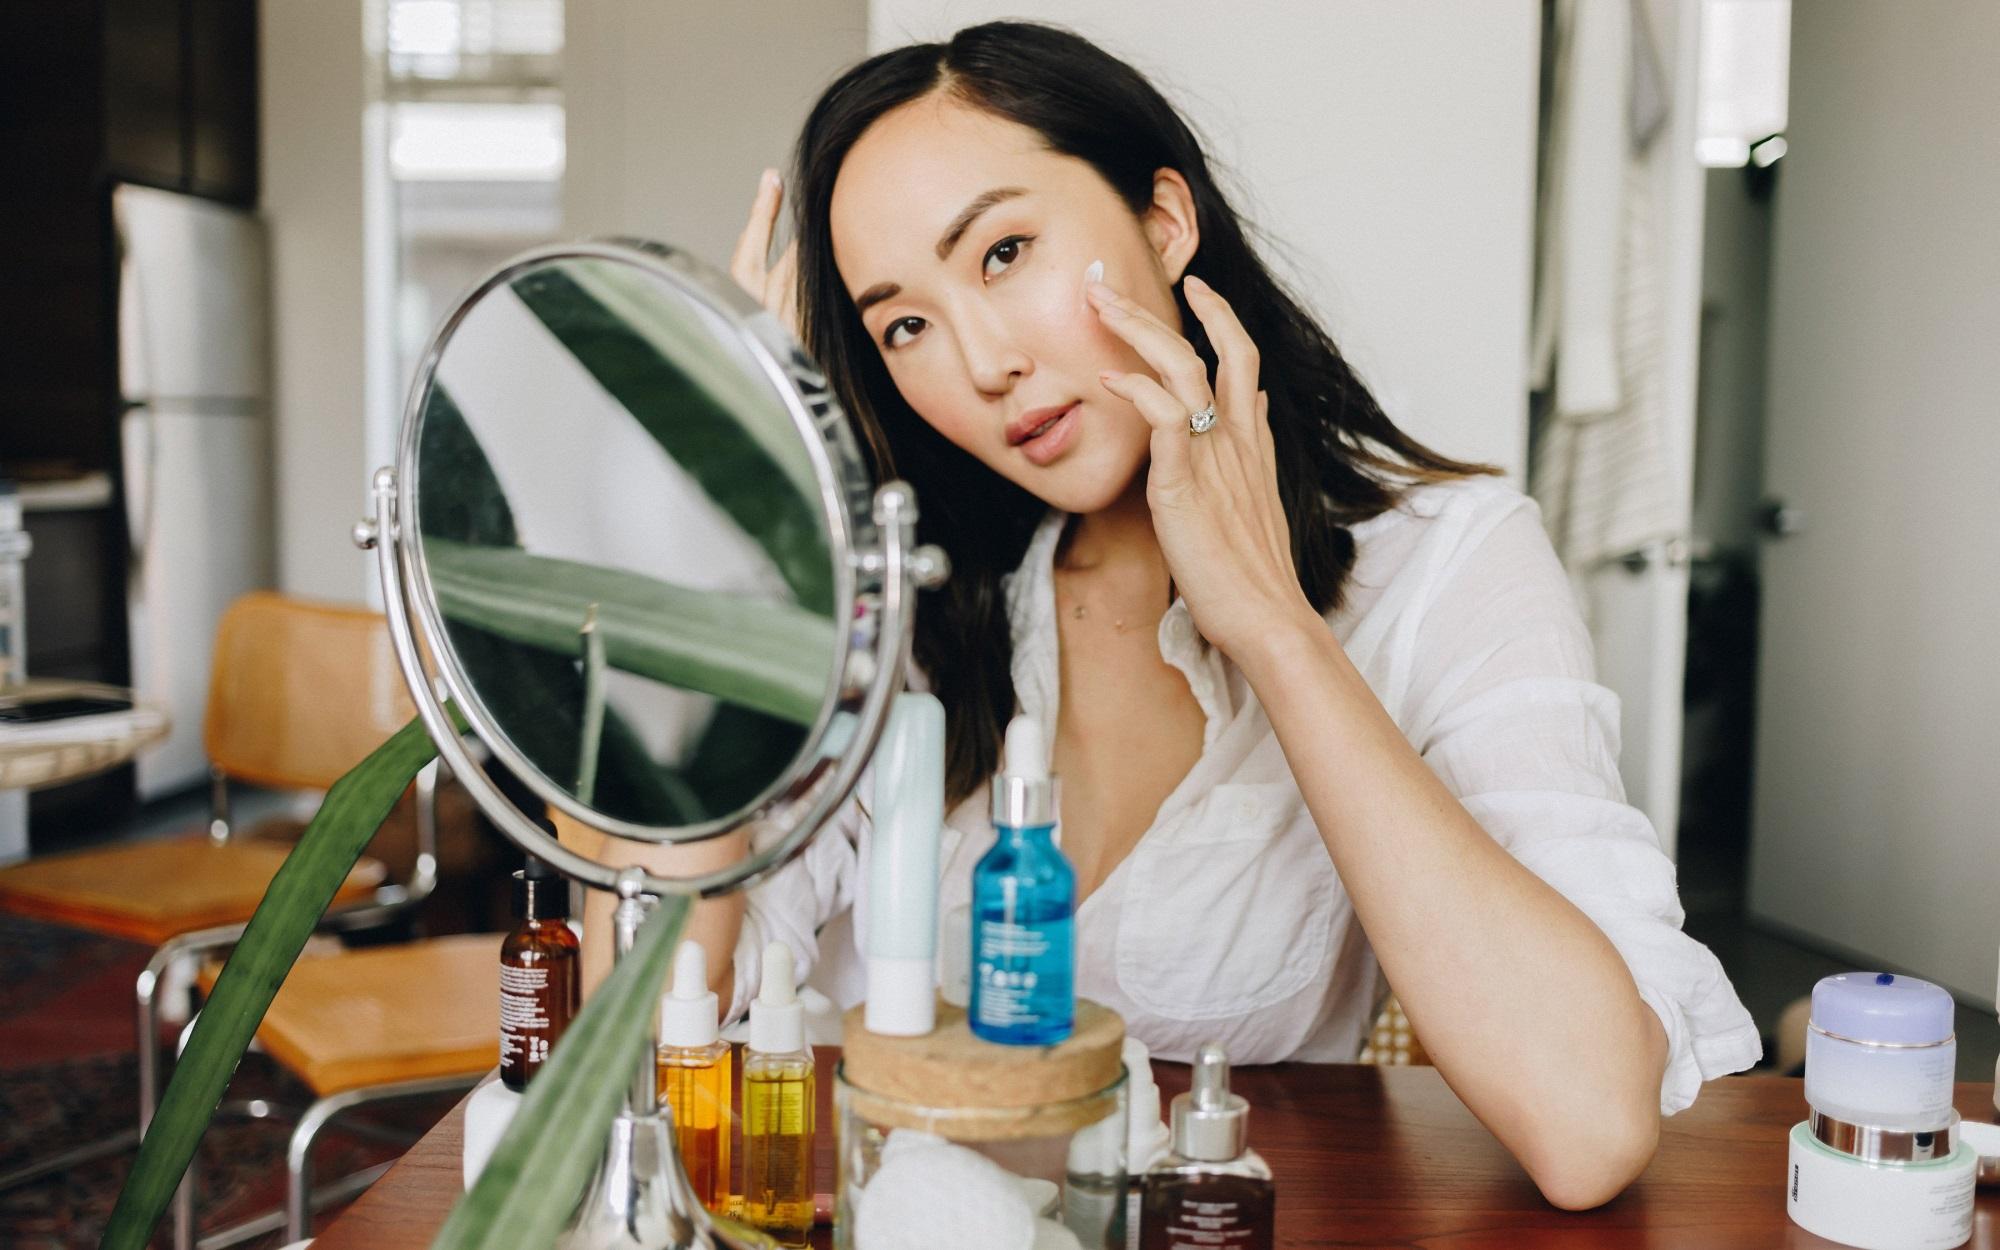 Phụ nữ U30 phải học ngay những bí quyết này của người Nhật để giữ cho làn da trẻ đẹp hơn tuổi thật - Ảnh 4